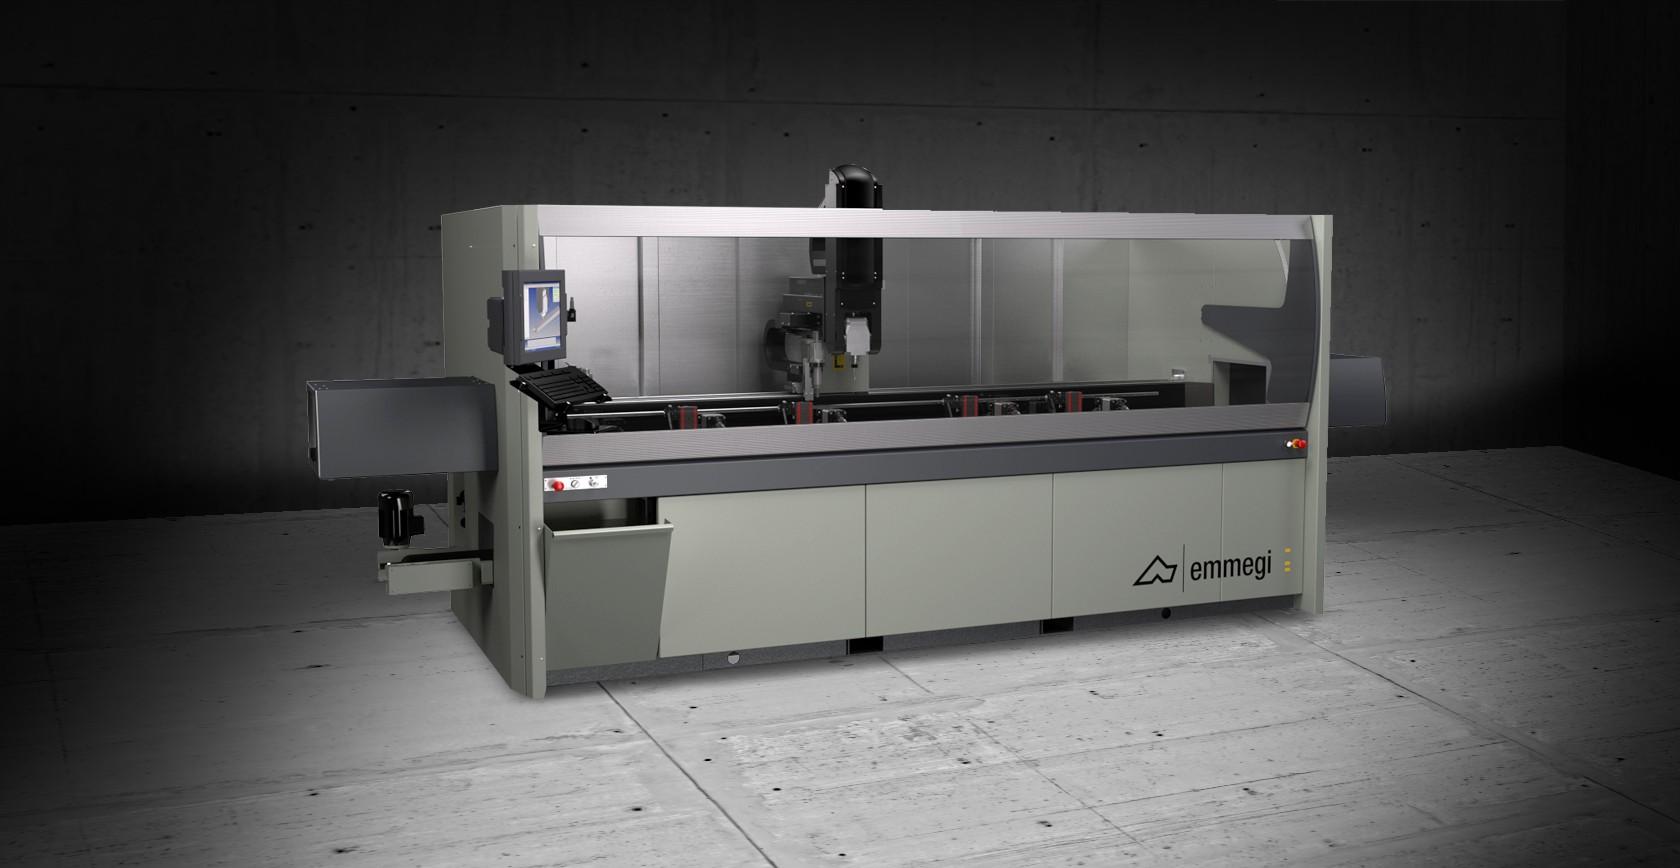 Emmegi  Phantomatic M4L